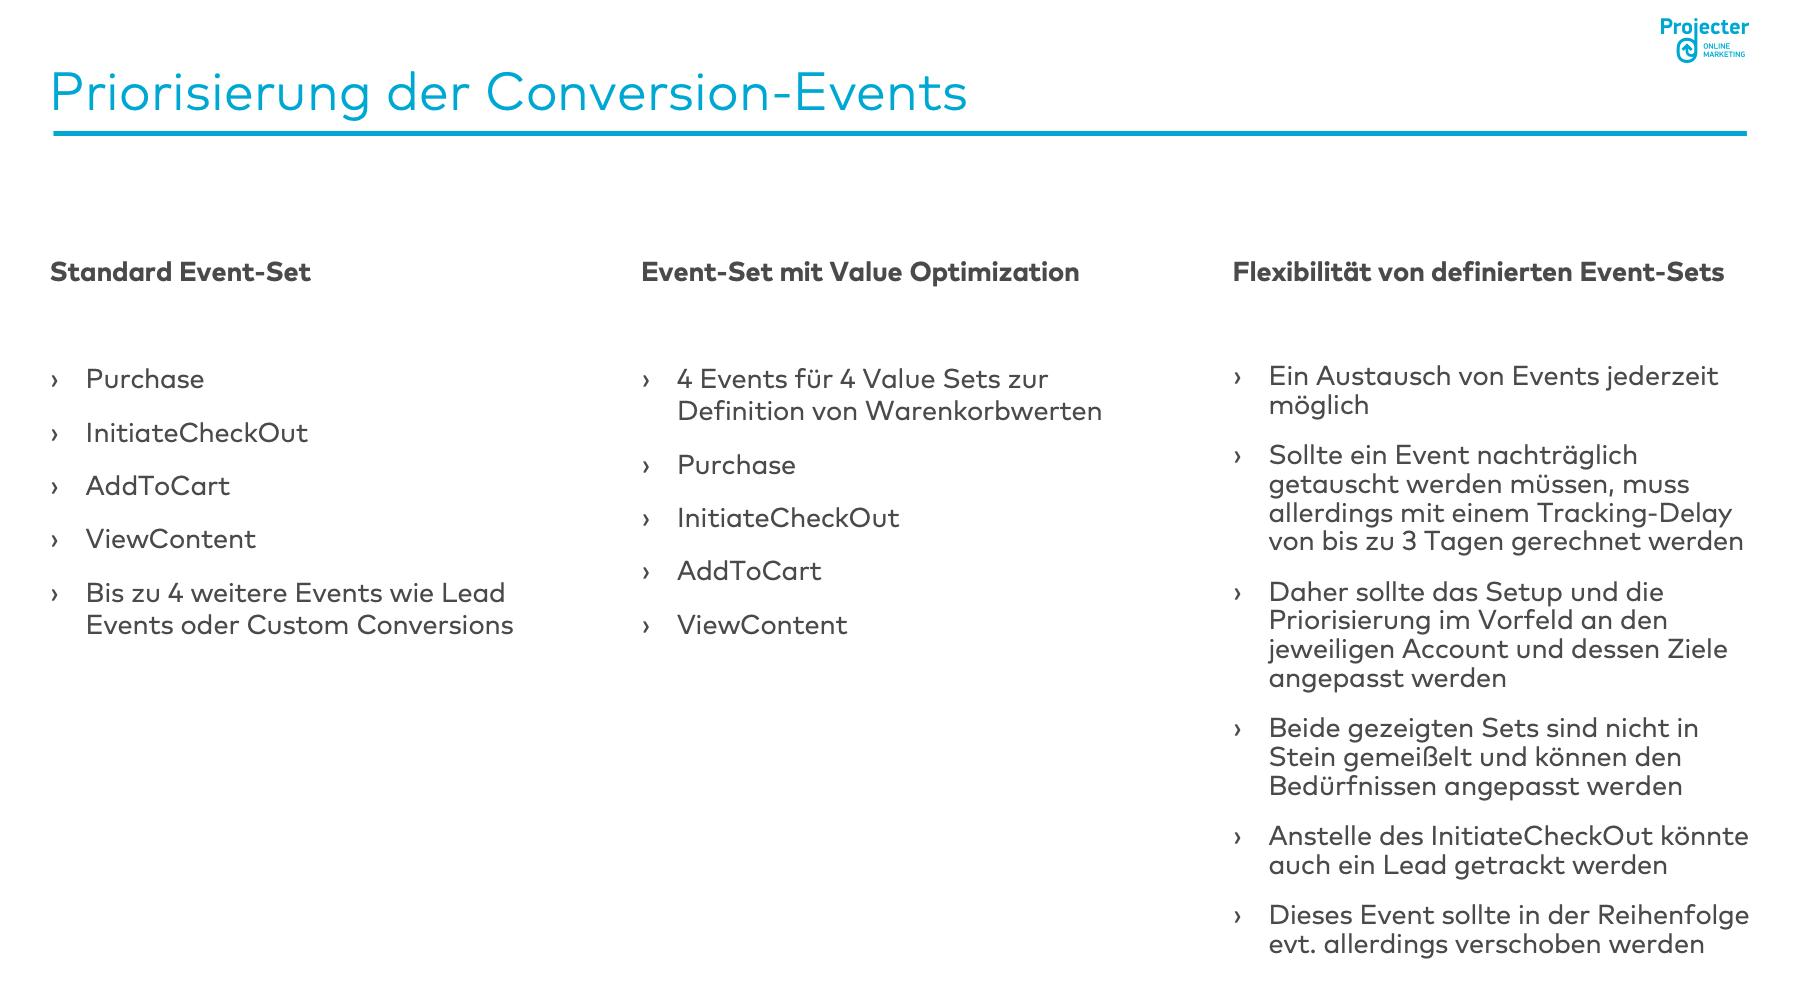 Grafik Übersicht der Priorisierung von Conversion-Events